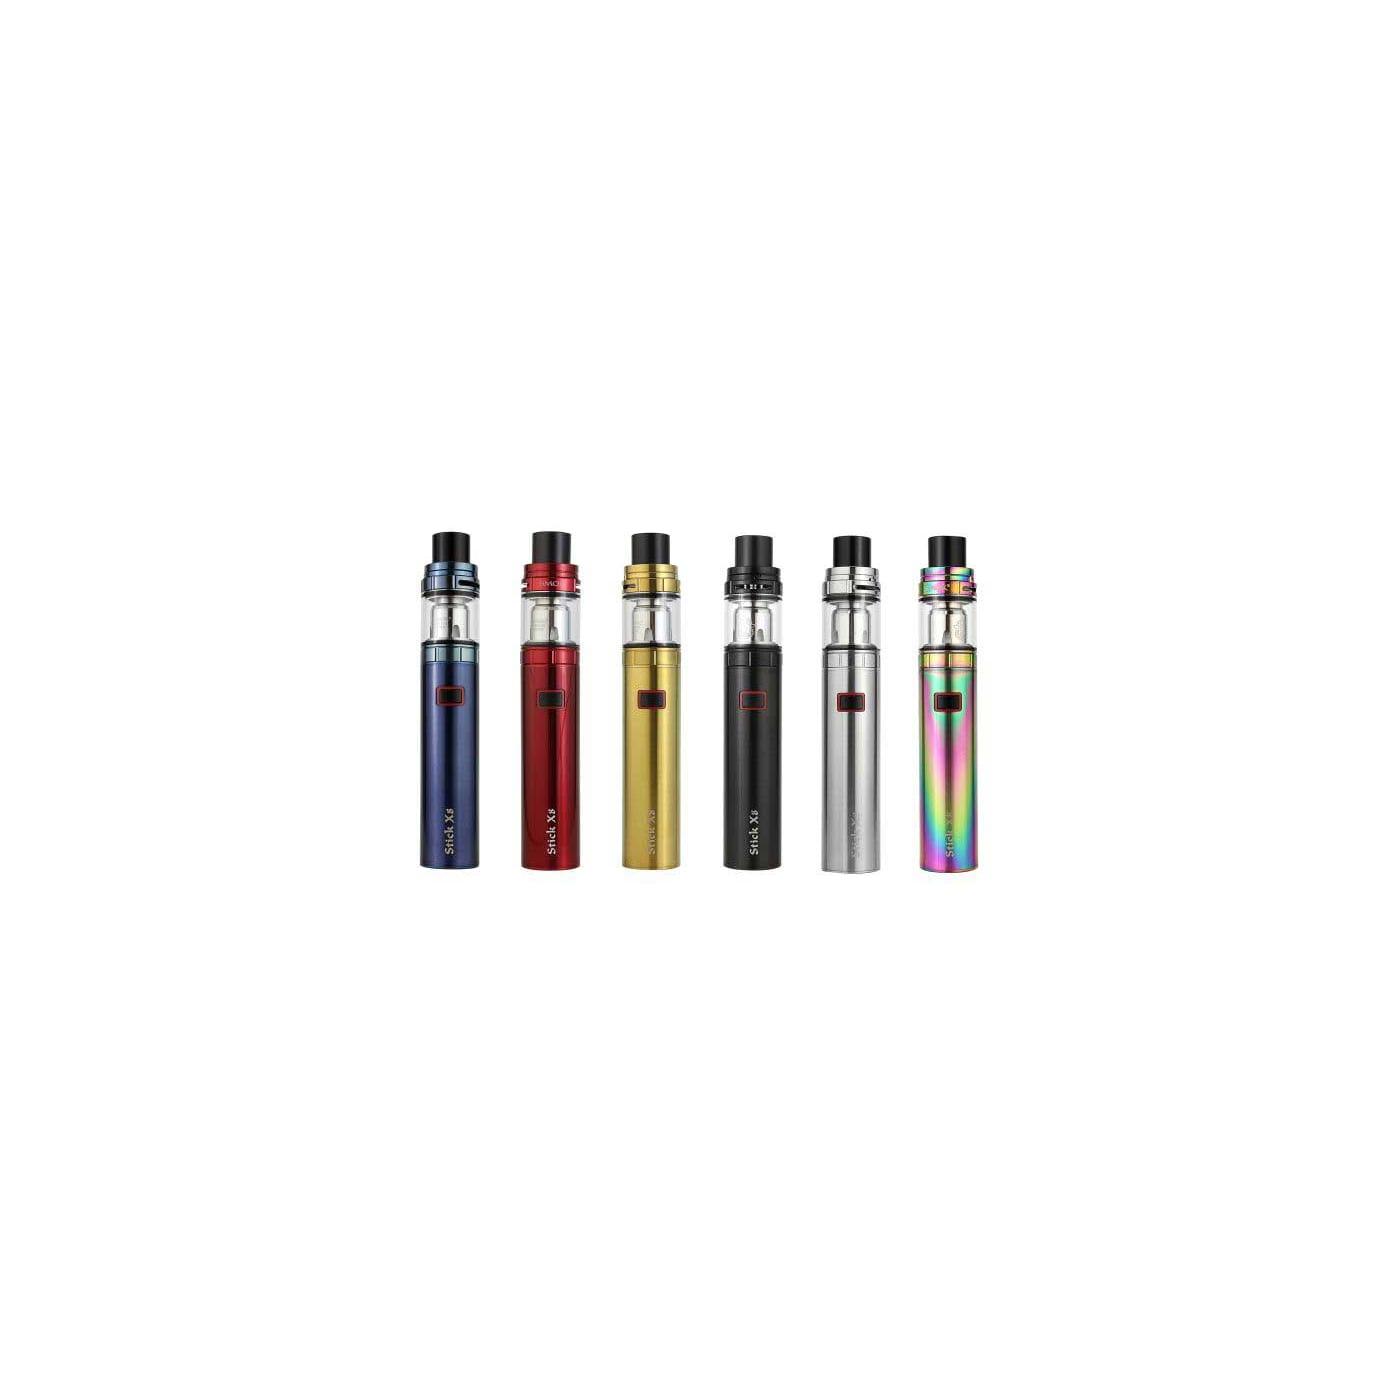 Smok Stick X8 Starter Kit Color